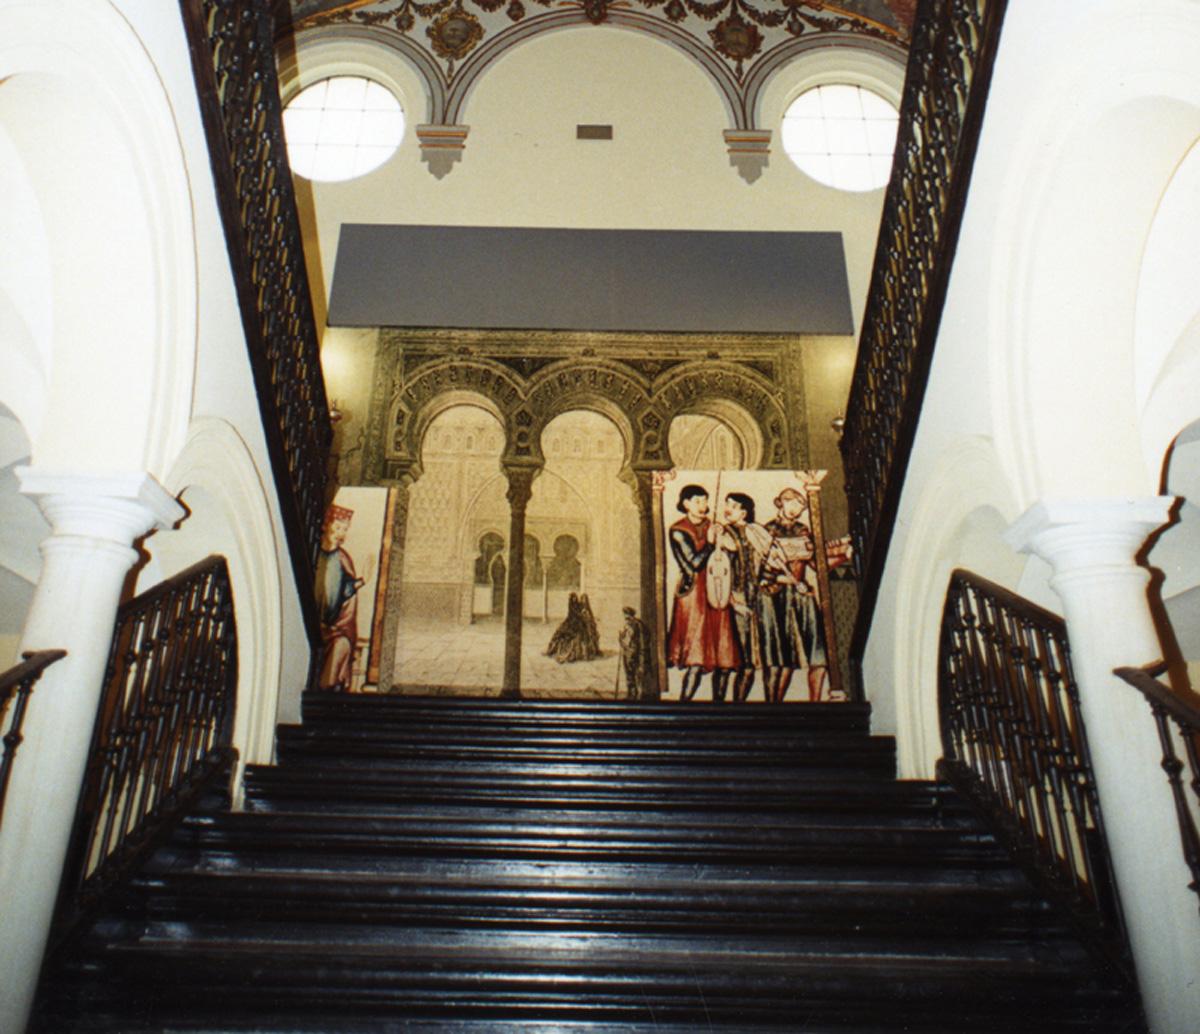 Escalera y detalle del montaje expositivo de la Exposición